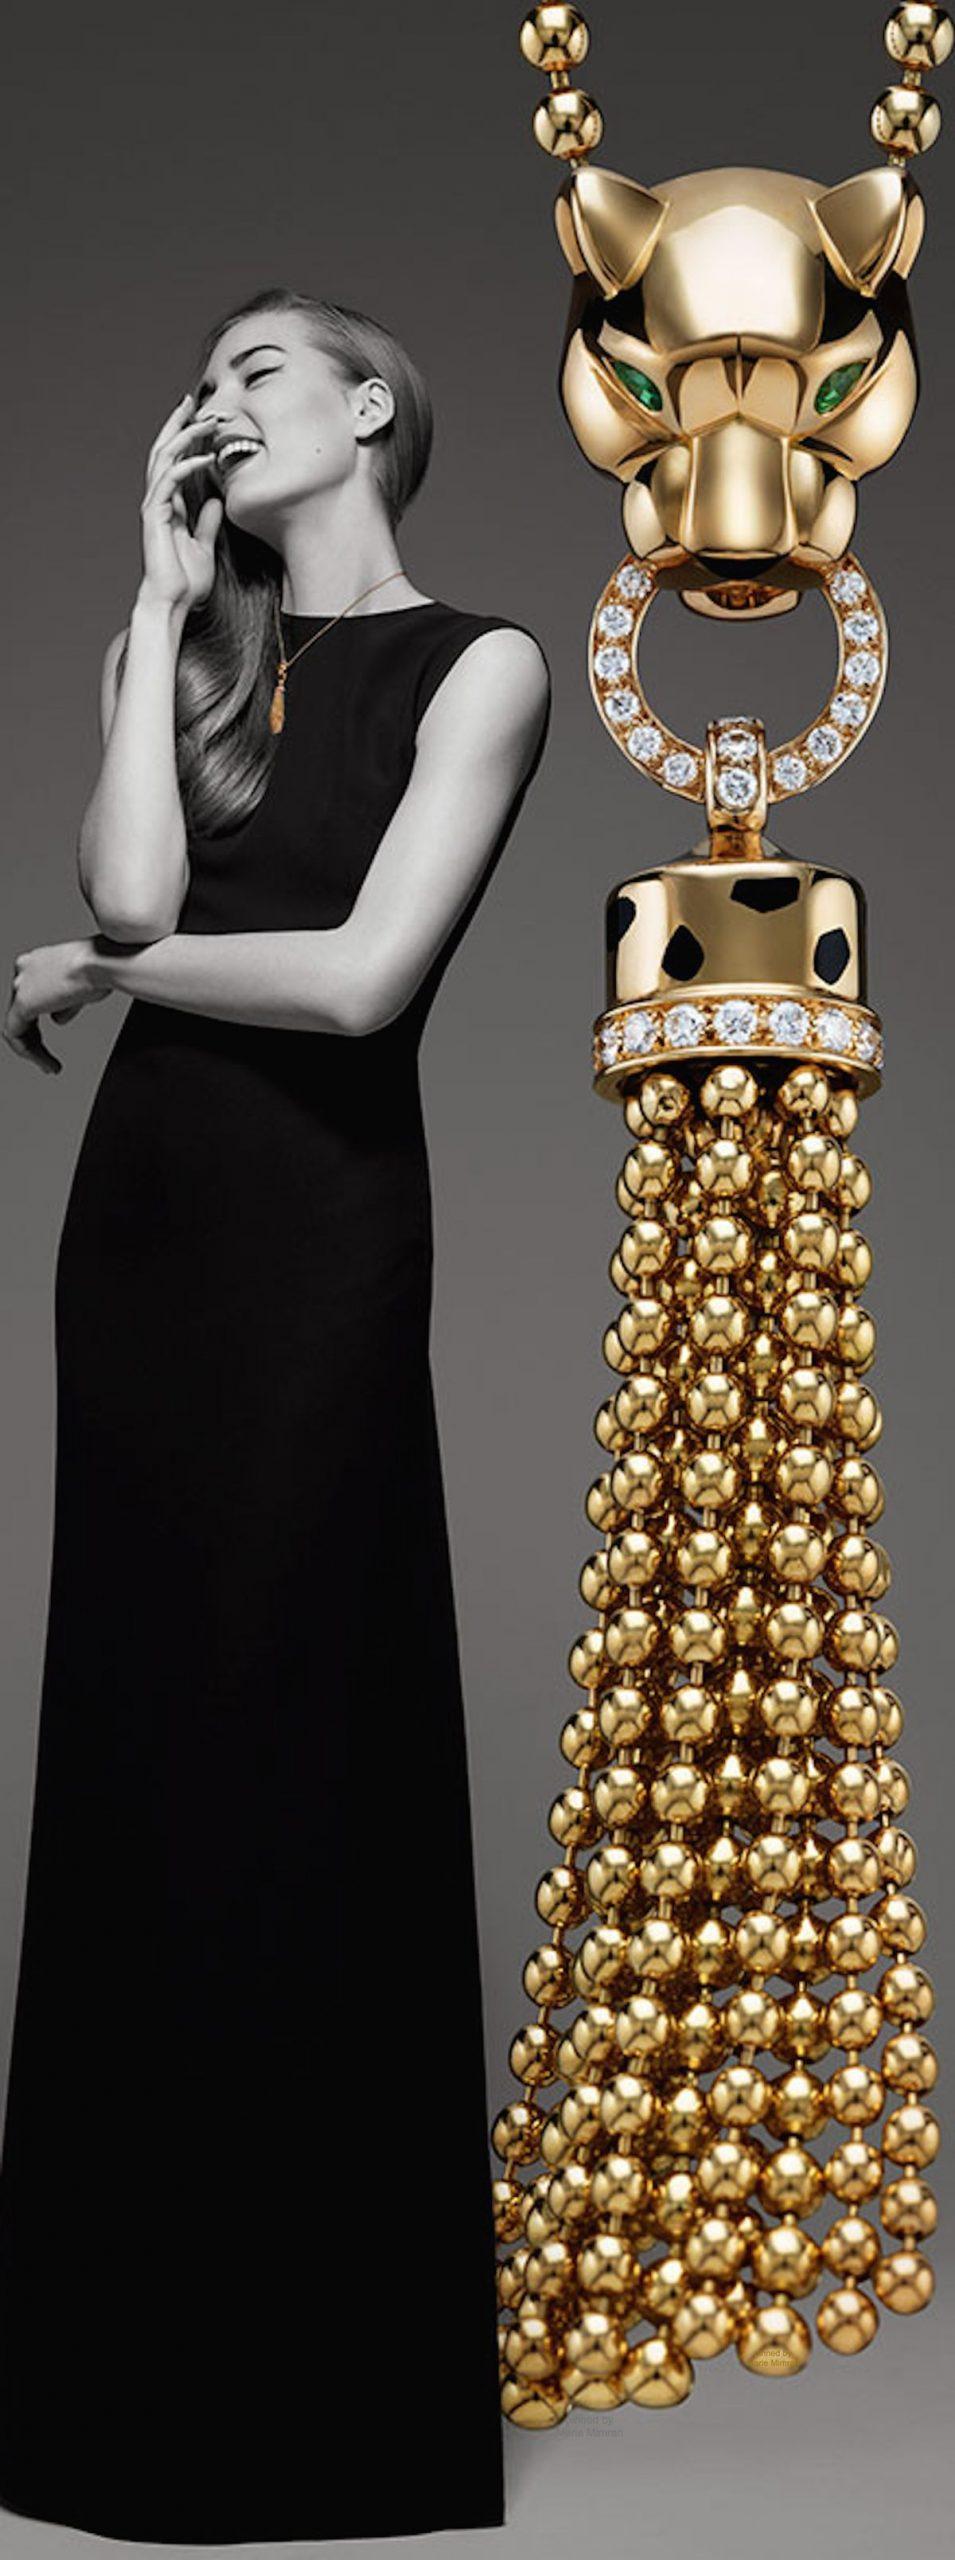 Cheryl11091-jewelry-necklaces-135319163781583457